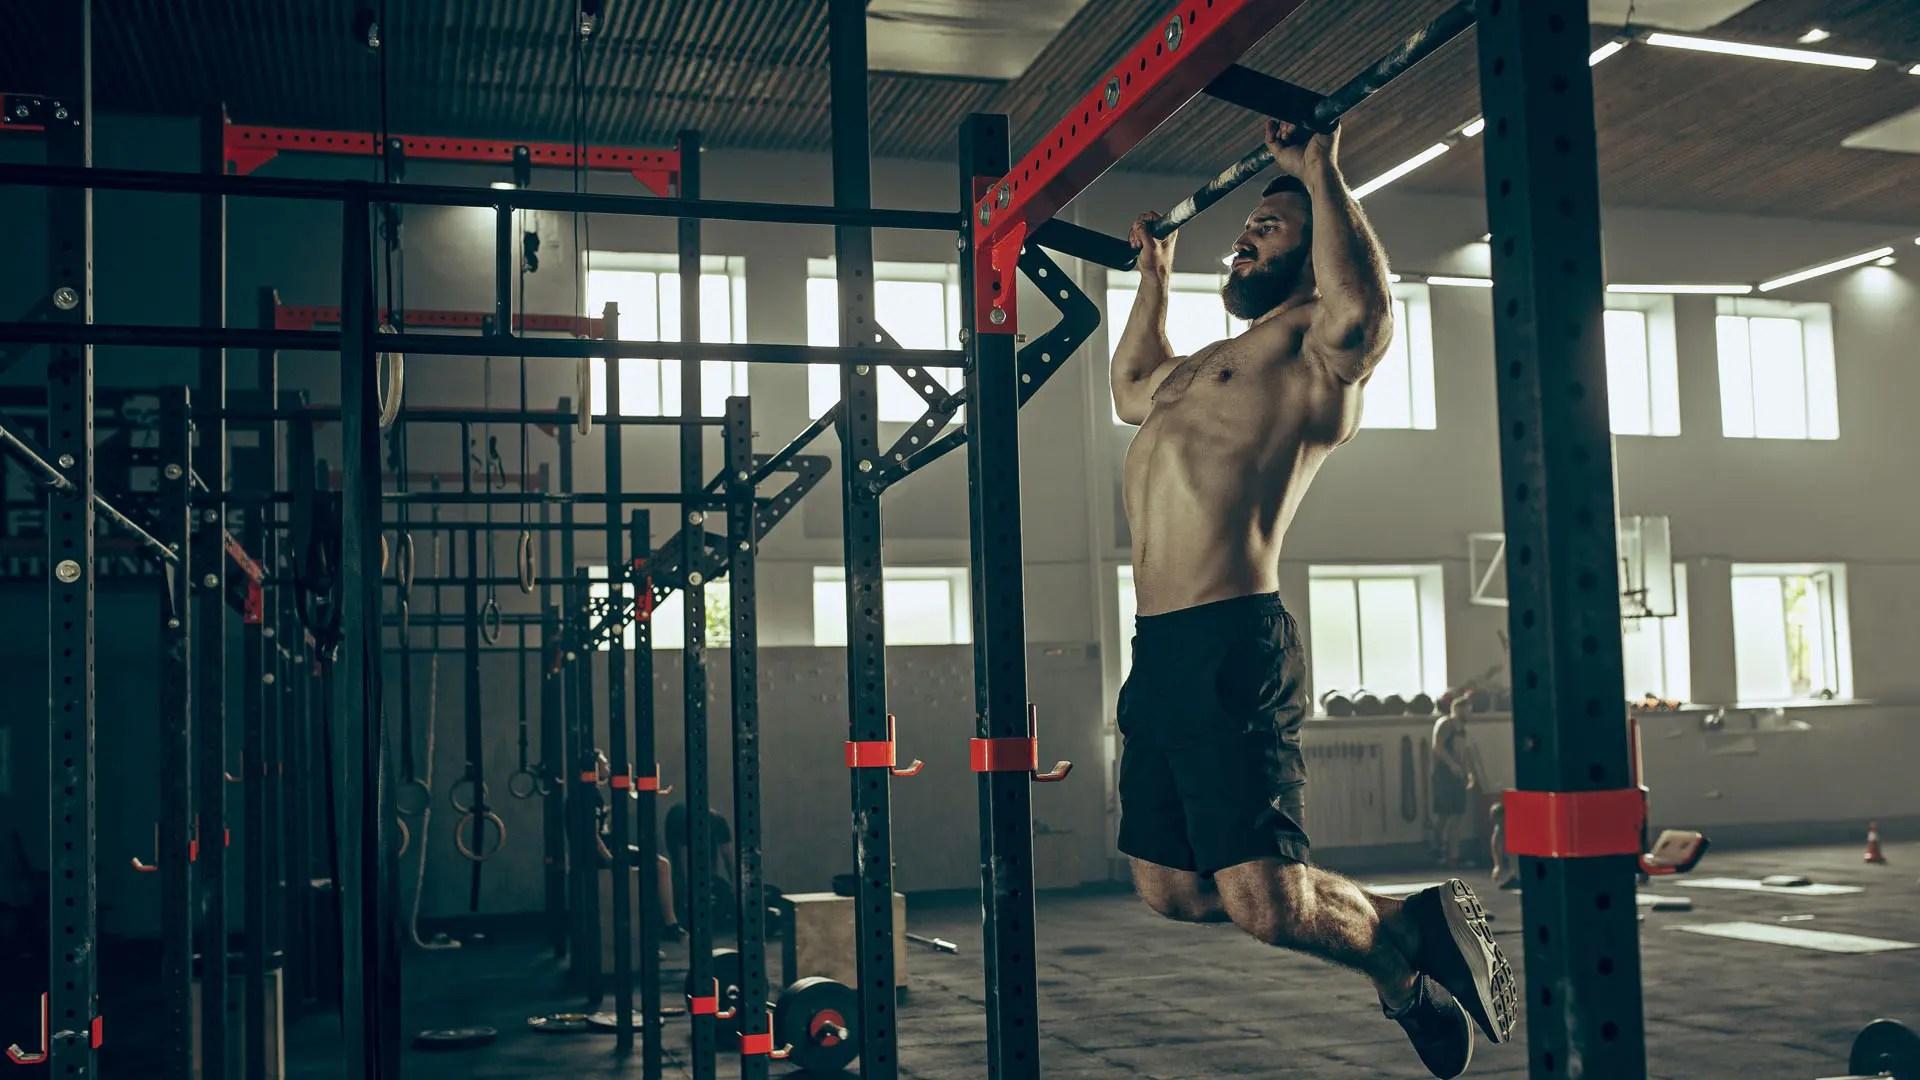 que diferencia hay entre un ejercicio aerobico y anaerobico